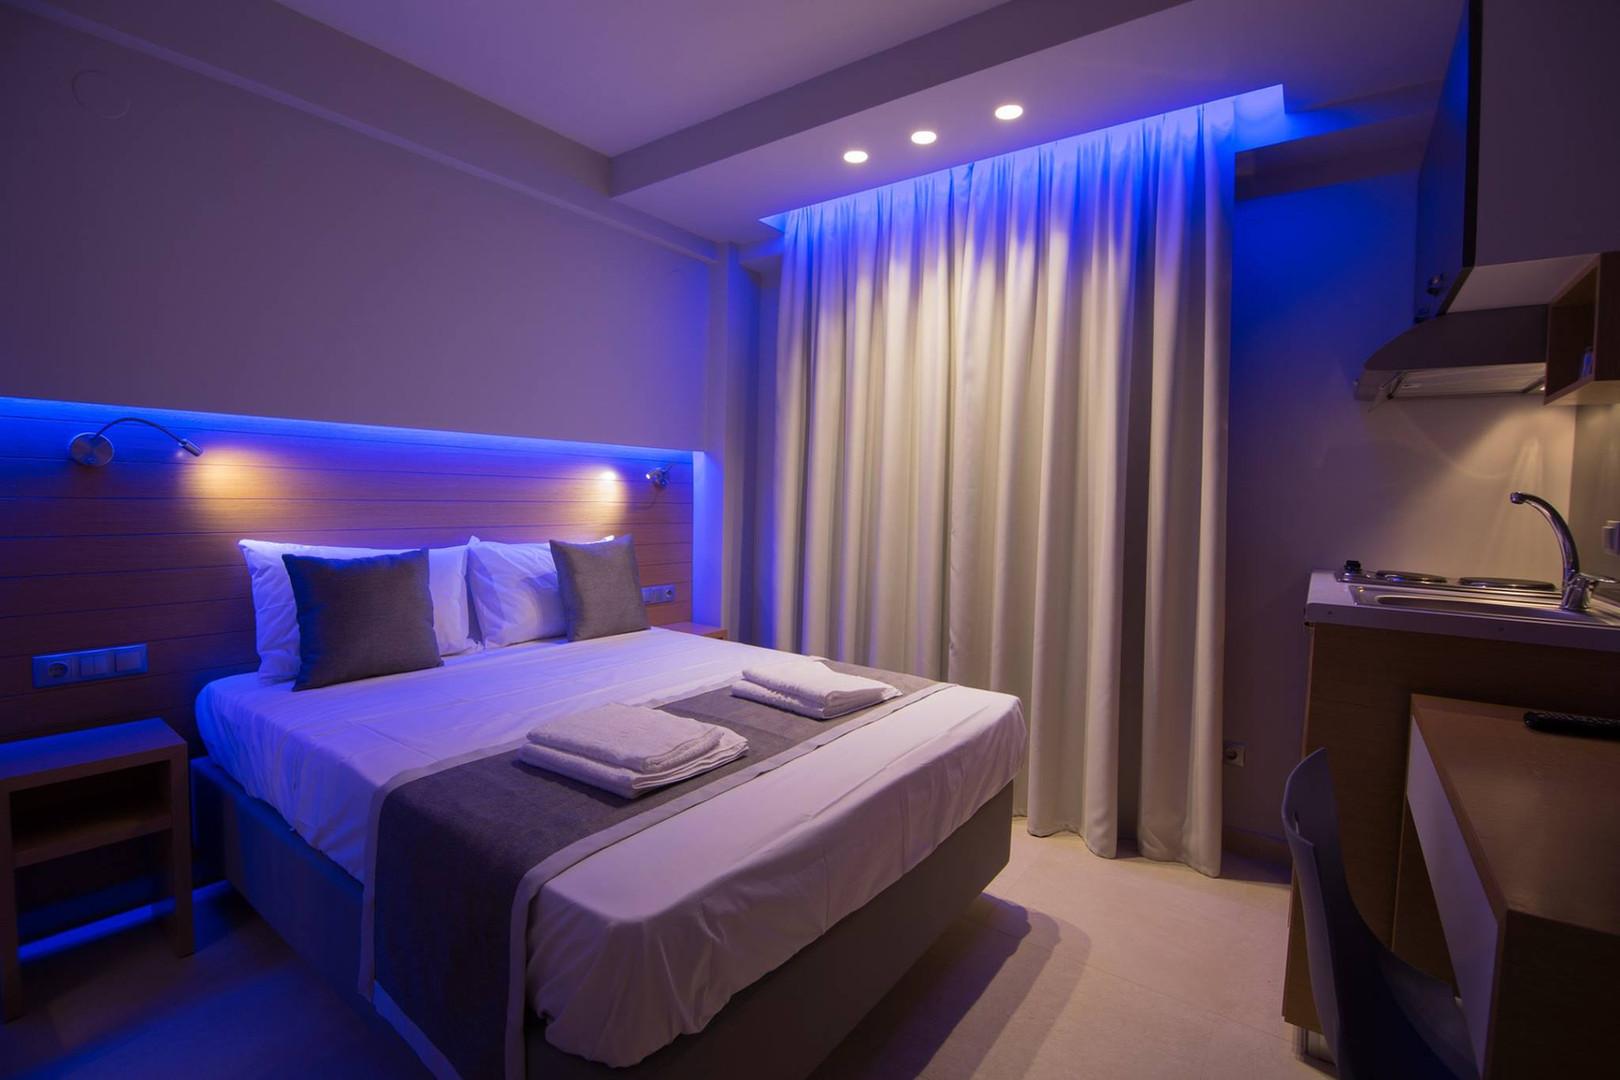 3 SKS Hotel room, ξύλινη πλάτη και ίδια